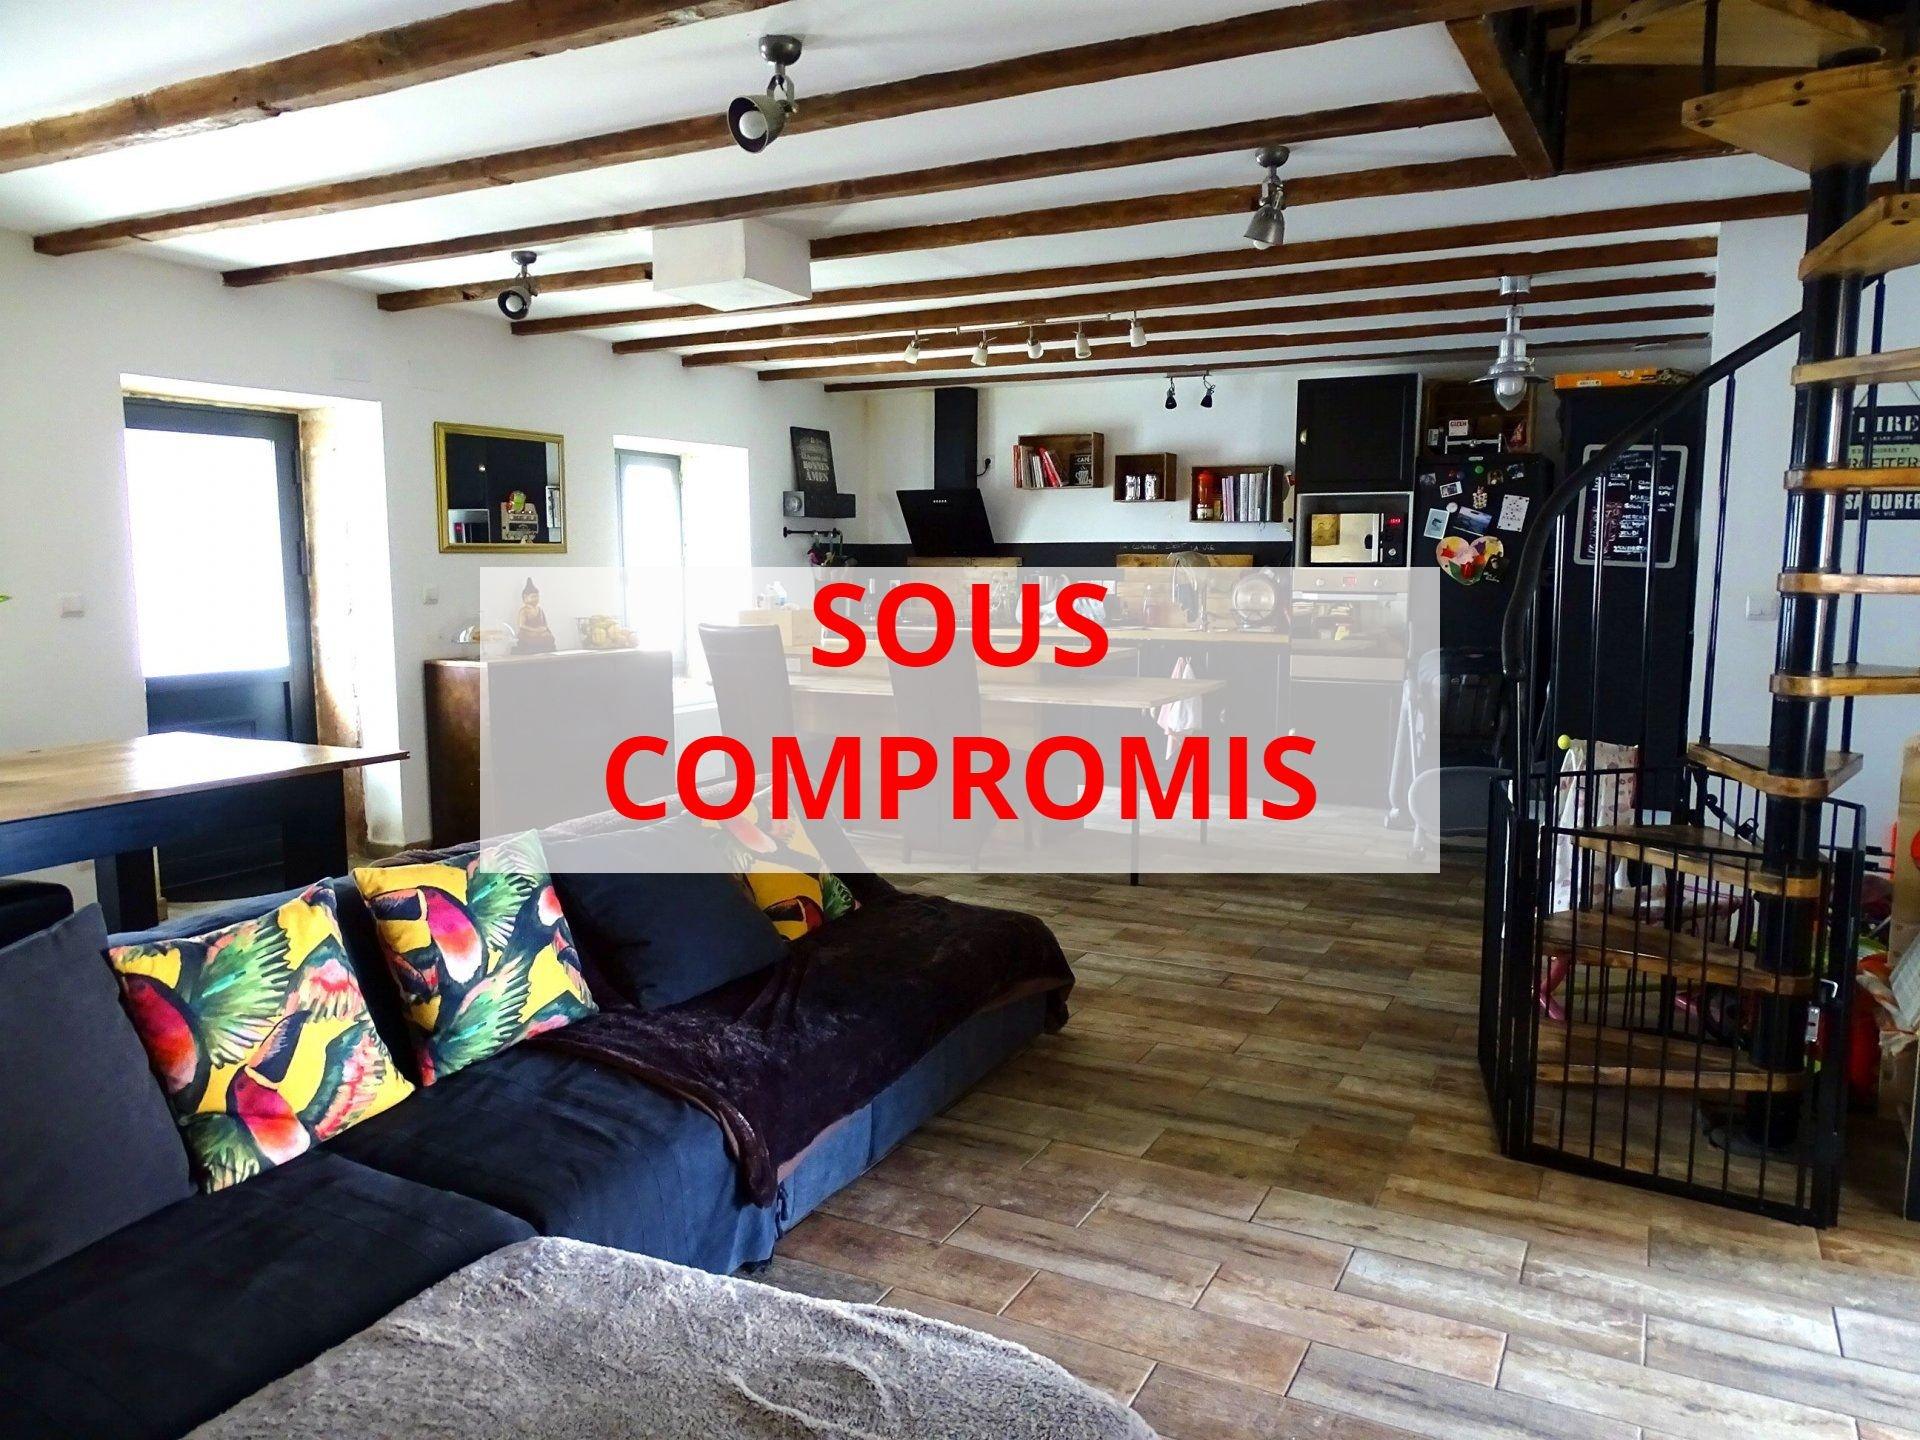 SOUS COMPROMIS Replonges, à proximité de toutes les commodités, écoles et commerces, découvrez cette belle maison soigneusement rénovée bénéficiant de prestations de qualité. D'une surface de 162 m², elle dispose d'une spacieuse pièce de vie de 50 m² avec sa cuisine neuve aménagée et équipée, d'une vaste suite parentale avec dressing et salle de douche de 50 m² également. A l'étage, le coin nuit offre 3 chambres, une mezzanine, une salle de bains avec douche et baignoire, et un toilette séparé. Un garage, un atelier et autres dépendances complètent ce bien. De belles prestations sont à noter: l'électricité et la plomberie ont été refaites, chaudière gaz à condensation, climatisation réversible, terrain clos de 700 m² environ, terrasse à l'abri des regards... A visiter sans tarder!! Honoraires à la charge du vendeur.